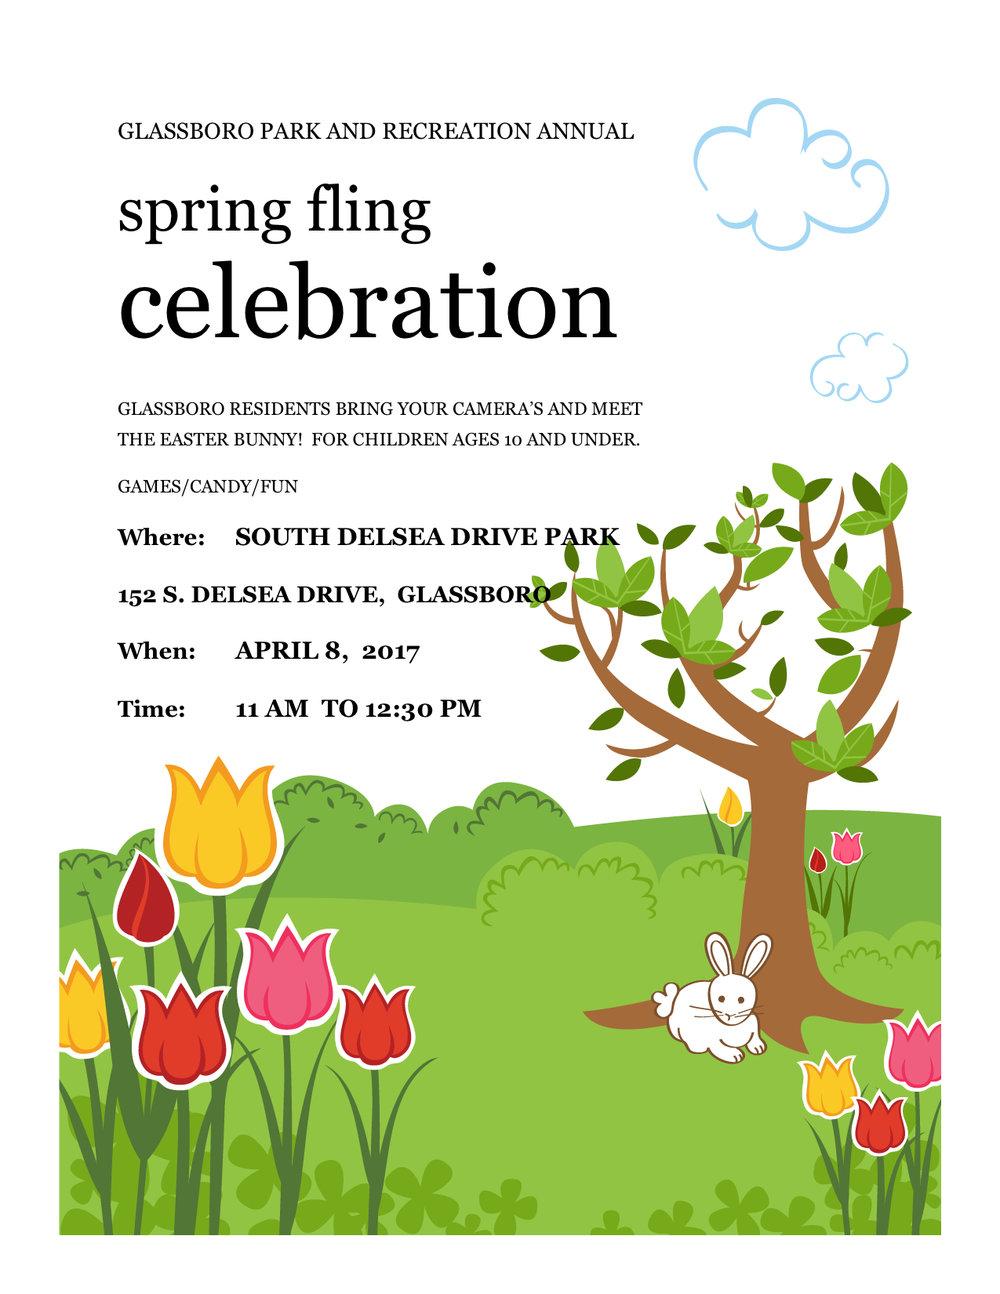 glassboro spring fling